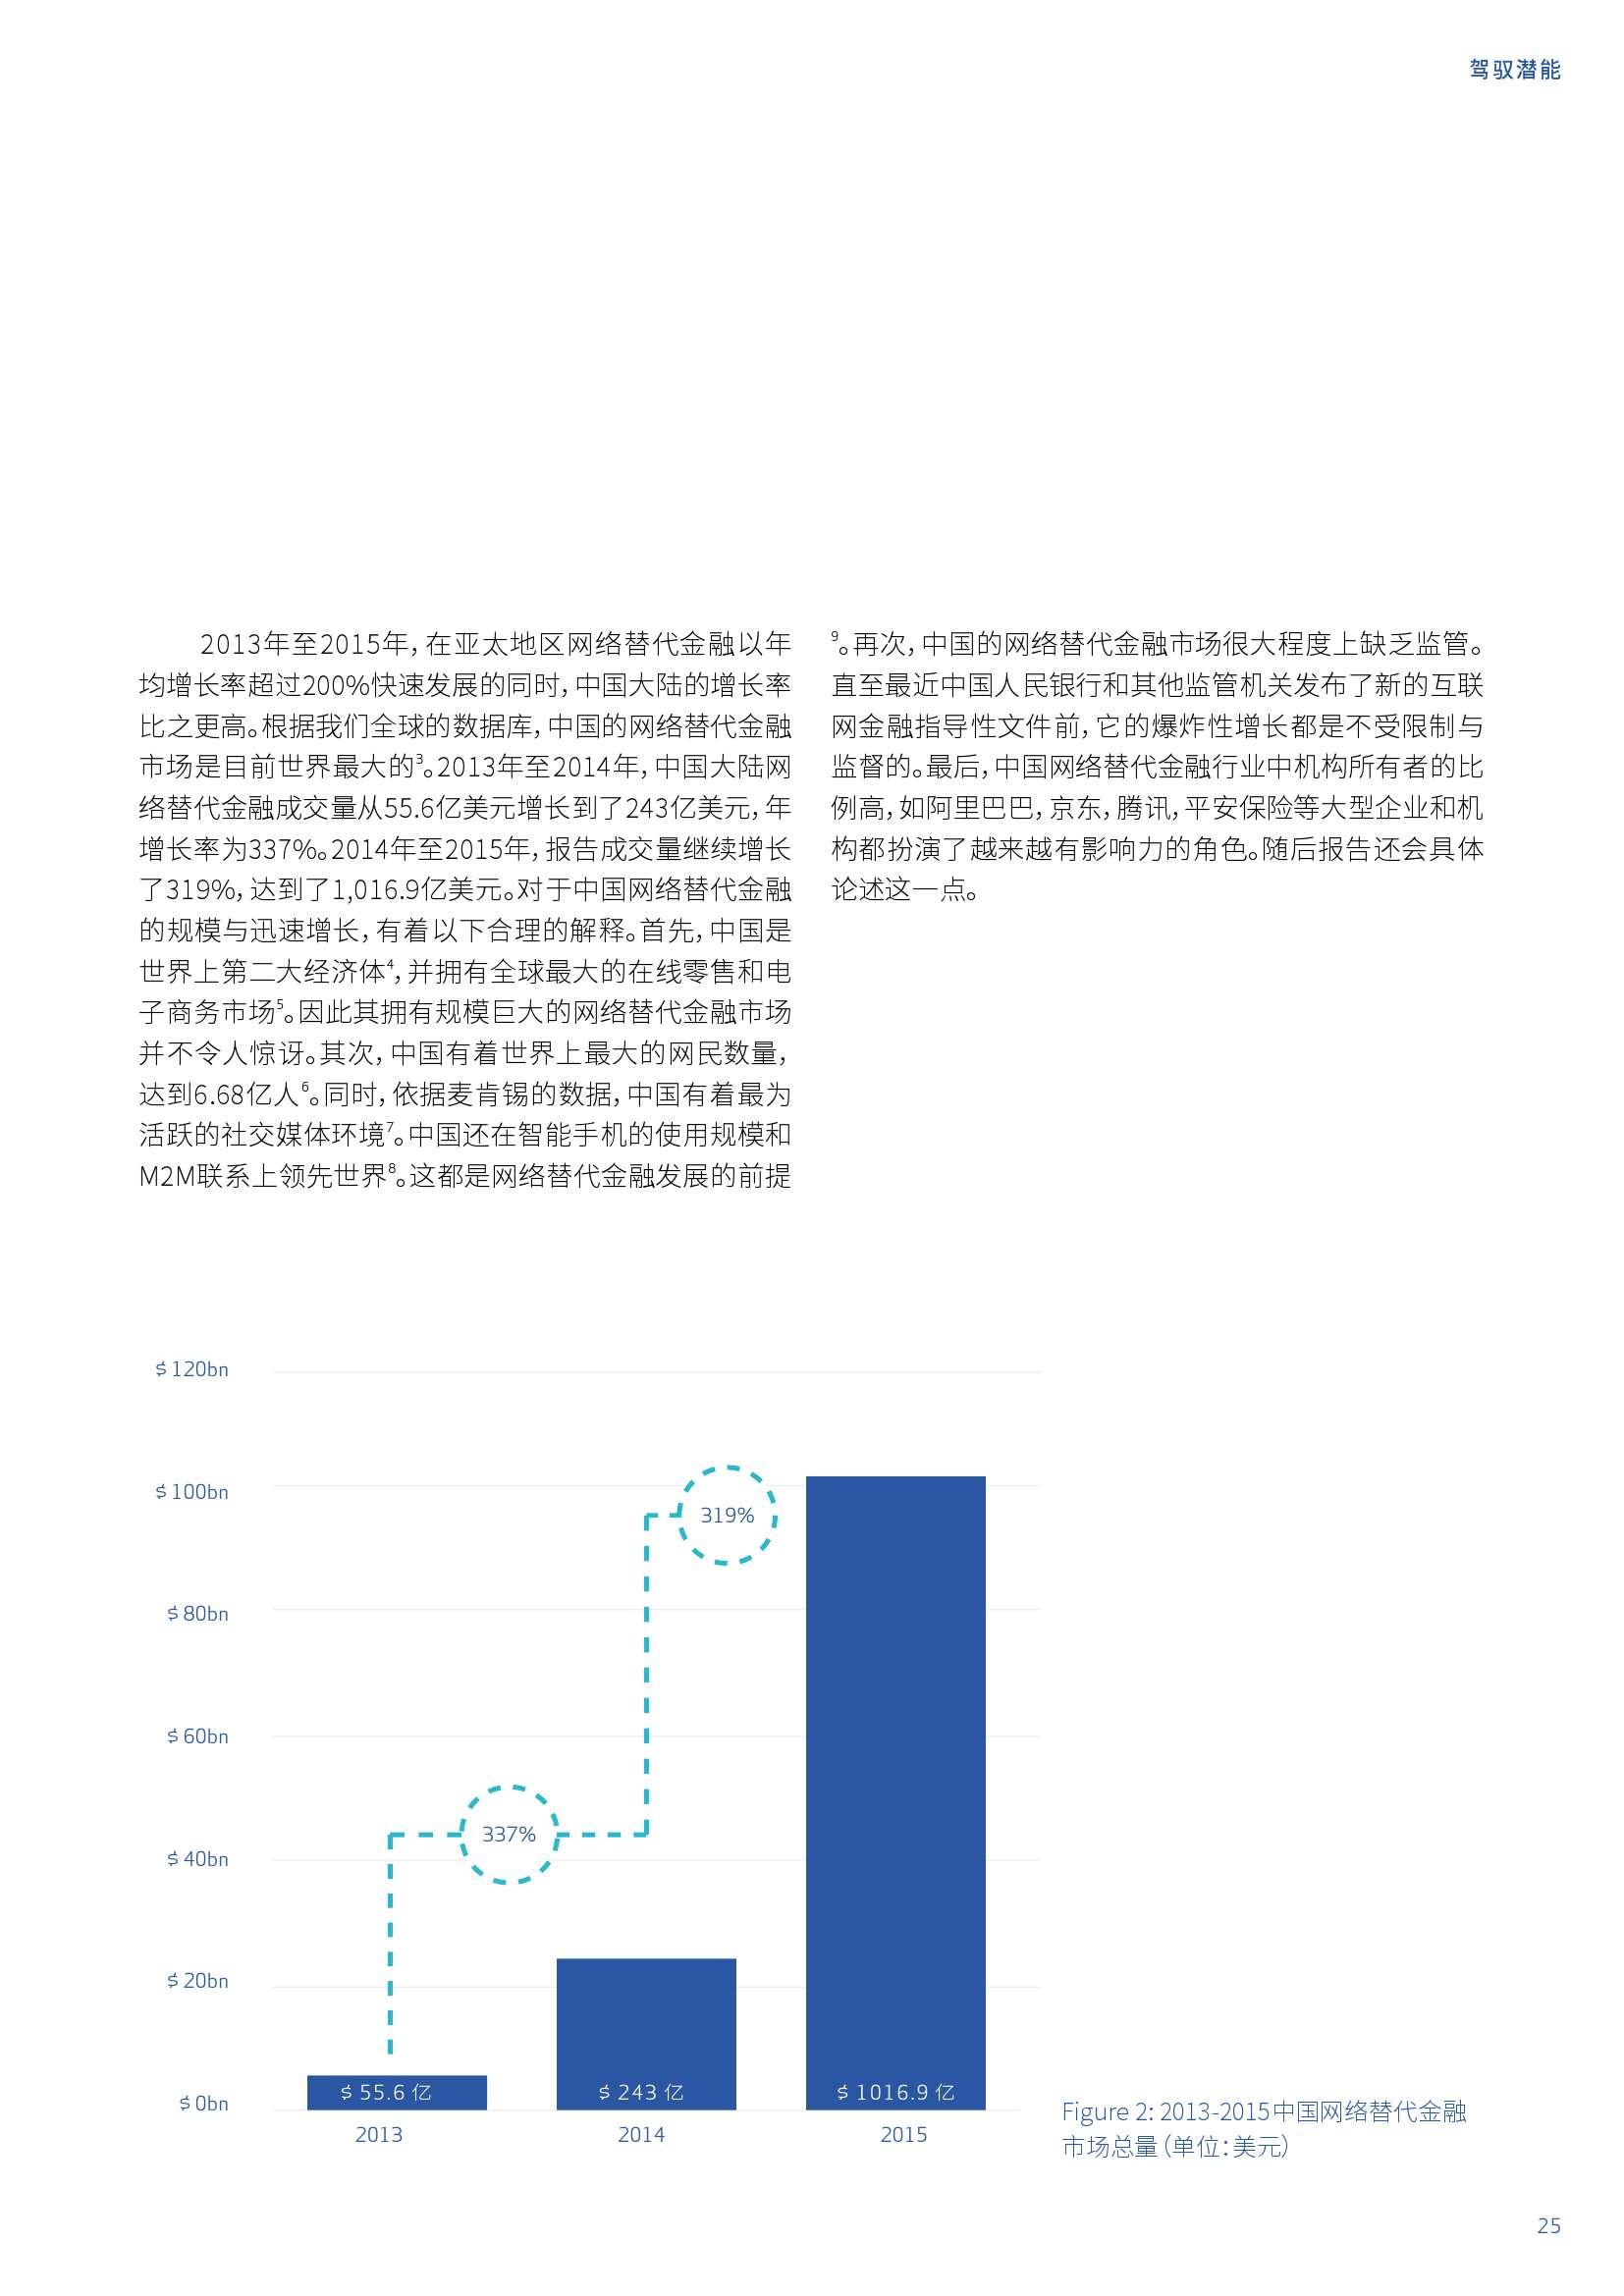 亚太地区网络替代金融基准报告_000025